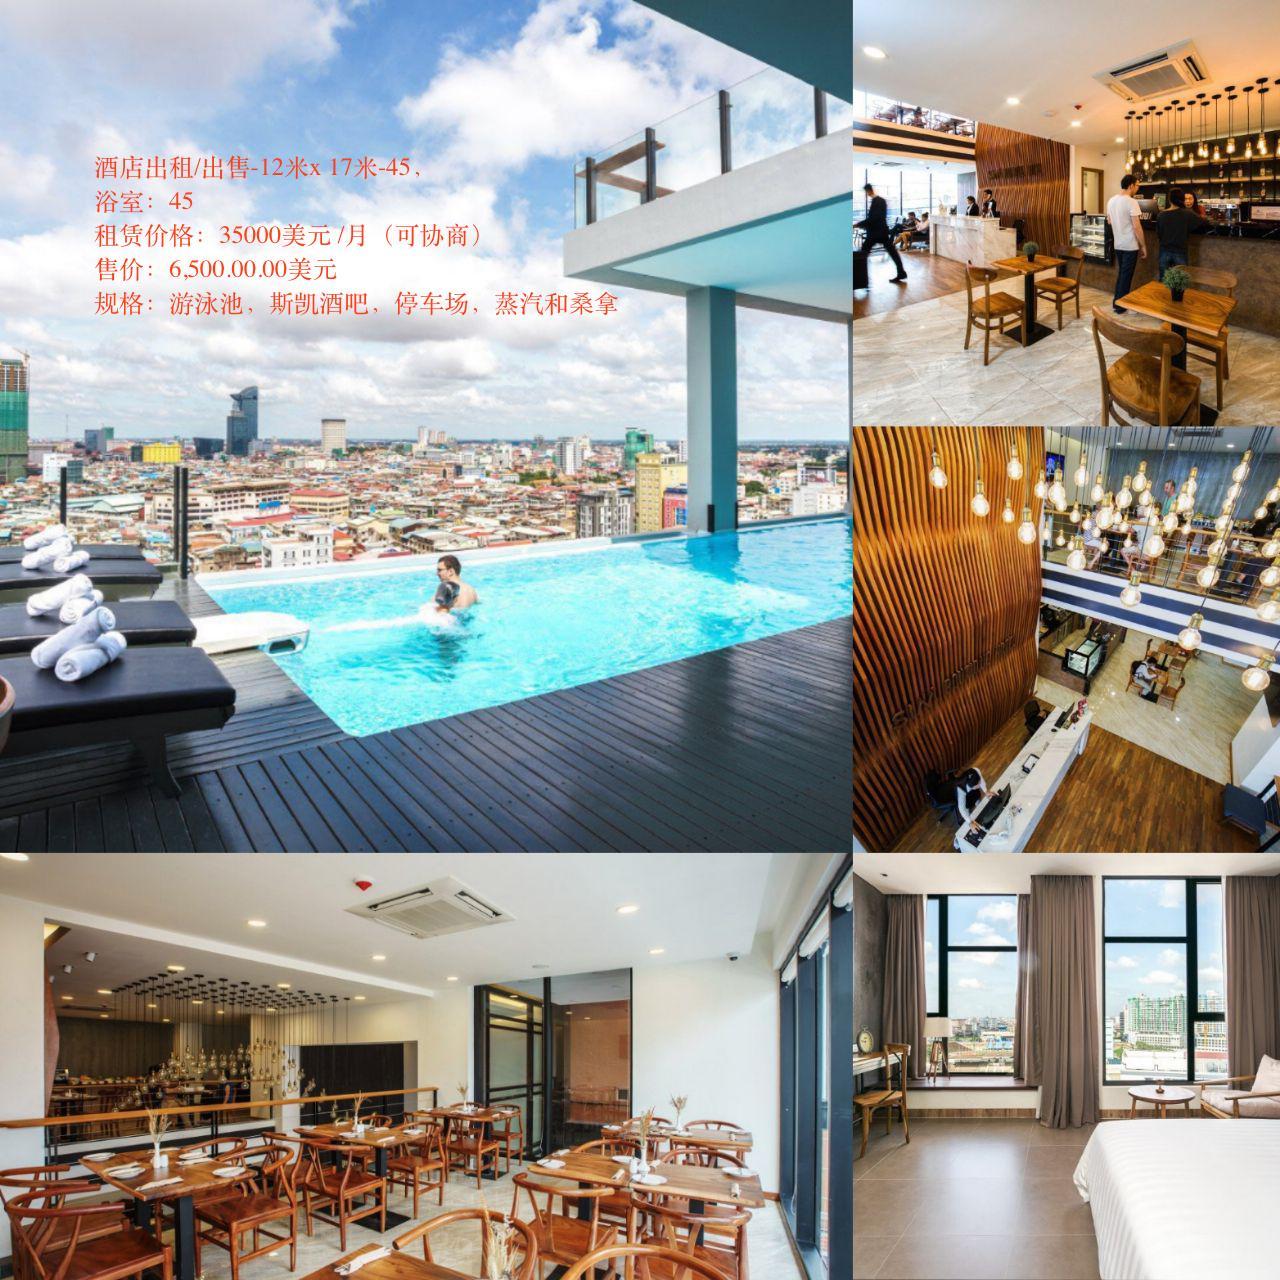 酒店出租-12米x 17米-45,浴室:45-35000美元/月(可协商)